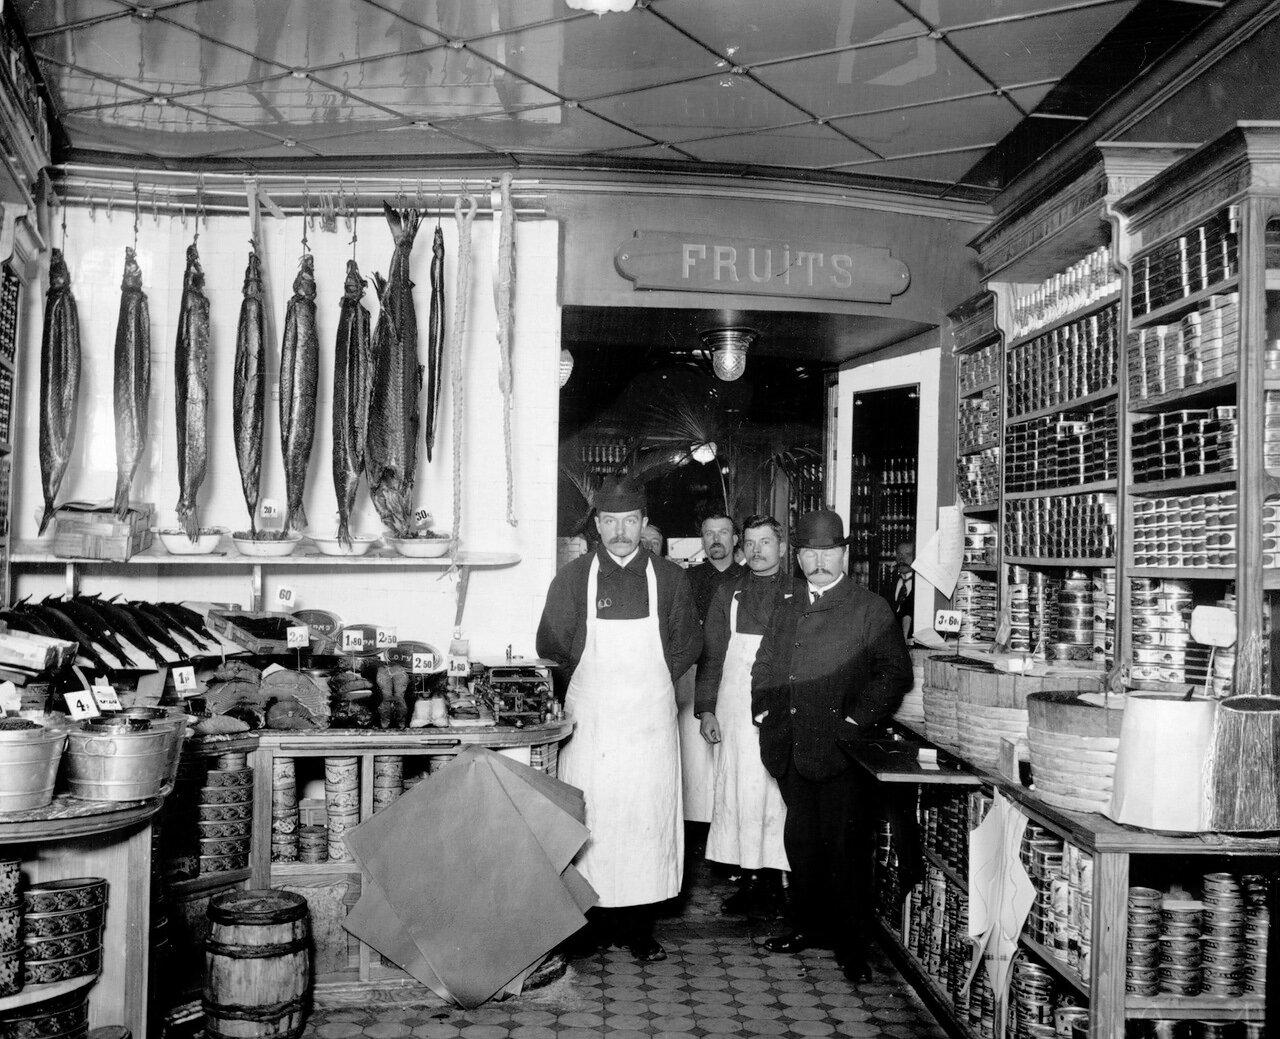 03. Продавцы и приказчик в рыбном отделе магазина, далее вход во фруктовый отдел